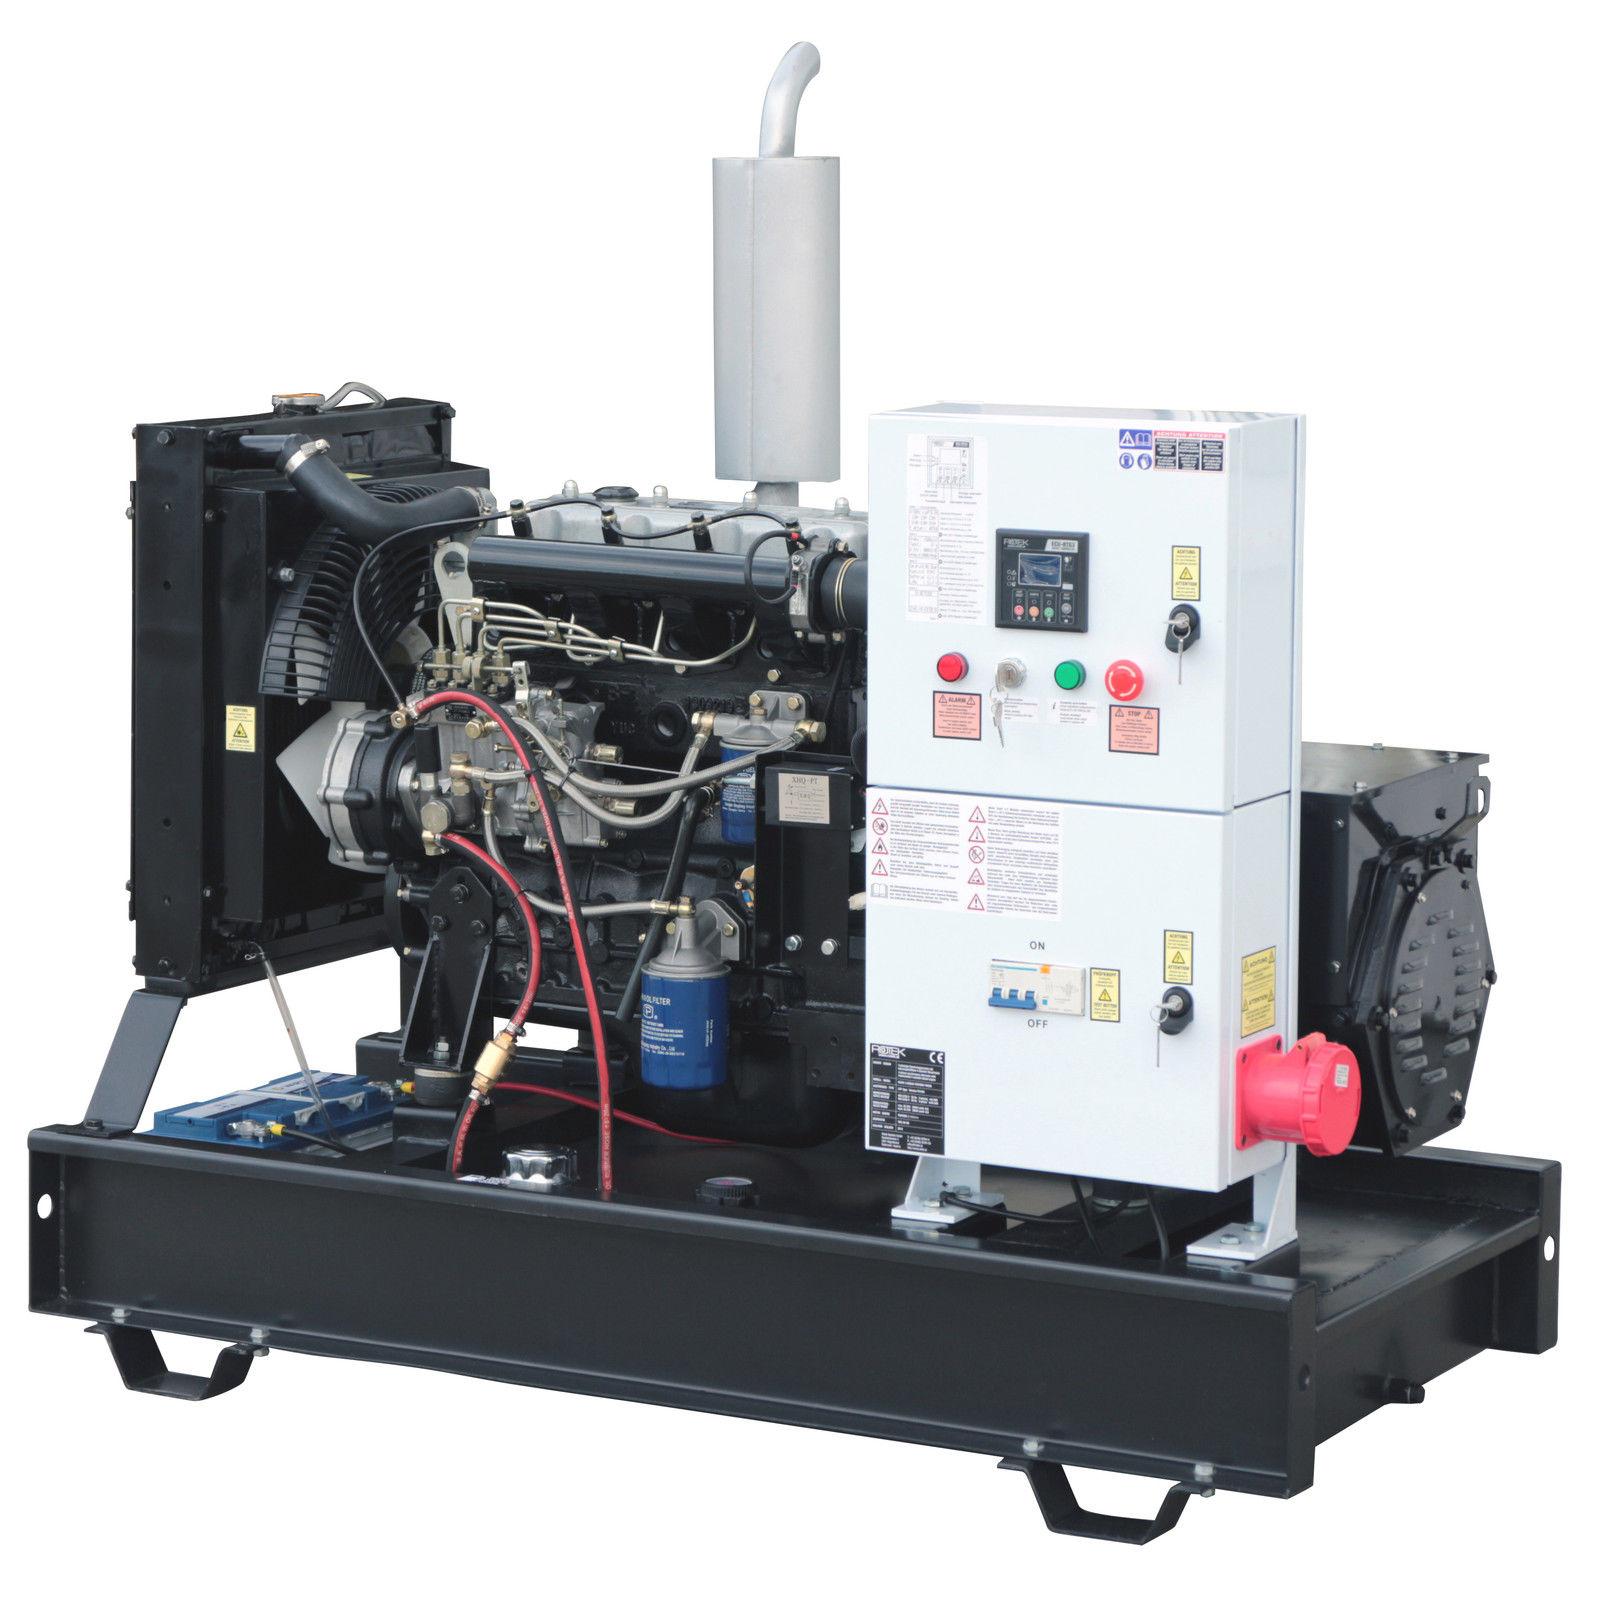 Dieselgenerator Mit Altöl Betreiben - Elektro Auto Laden- Haus